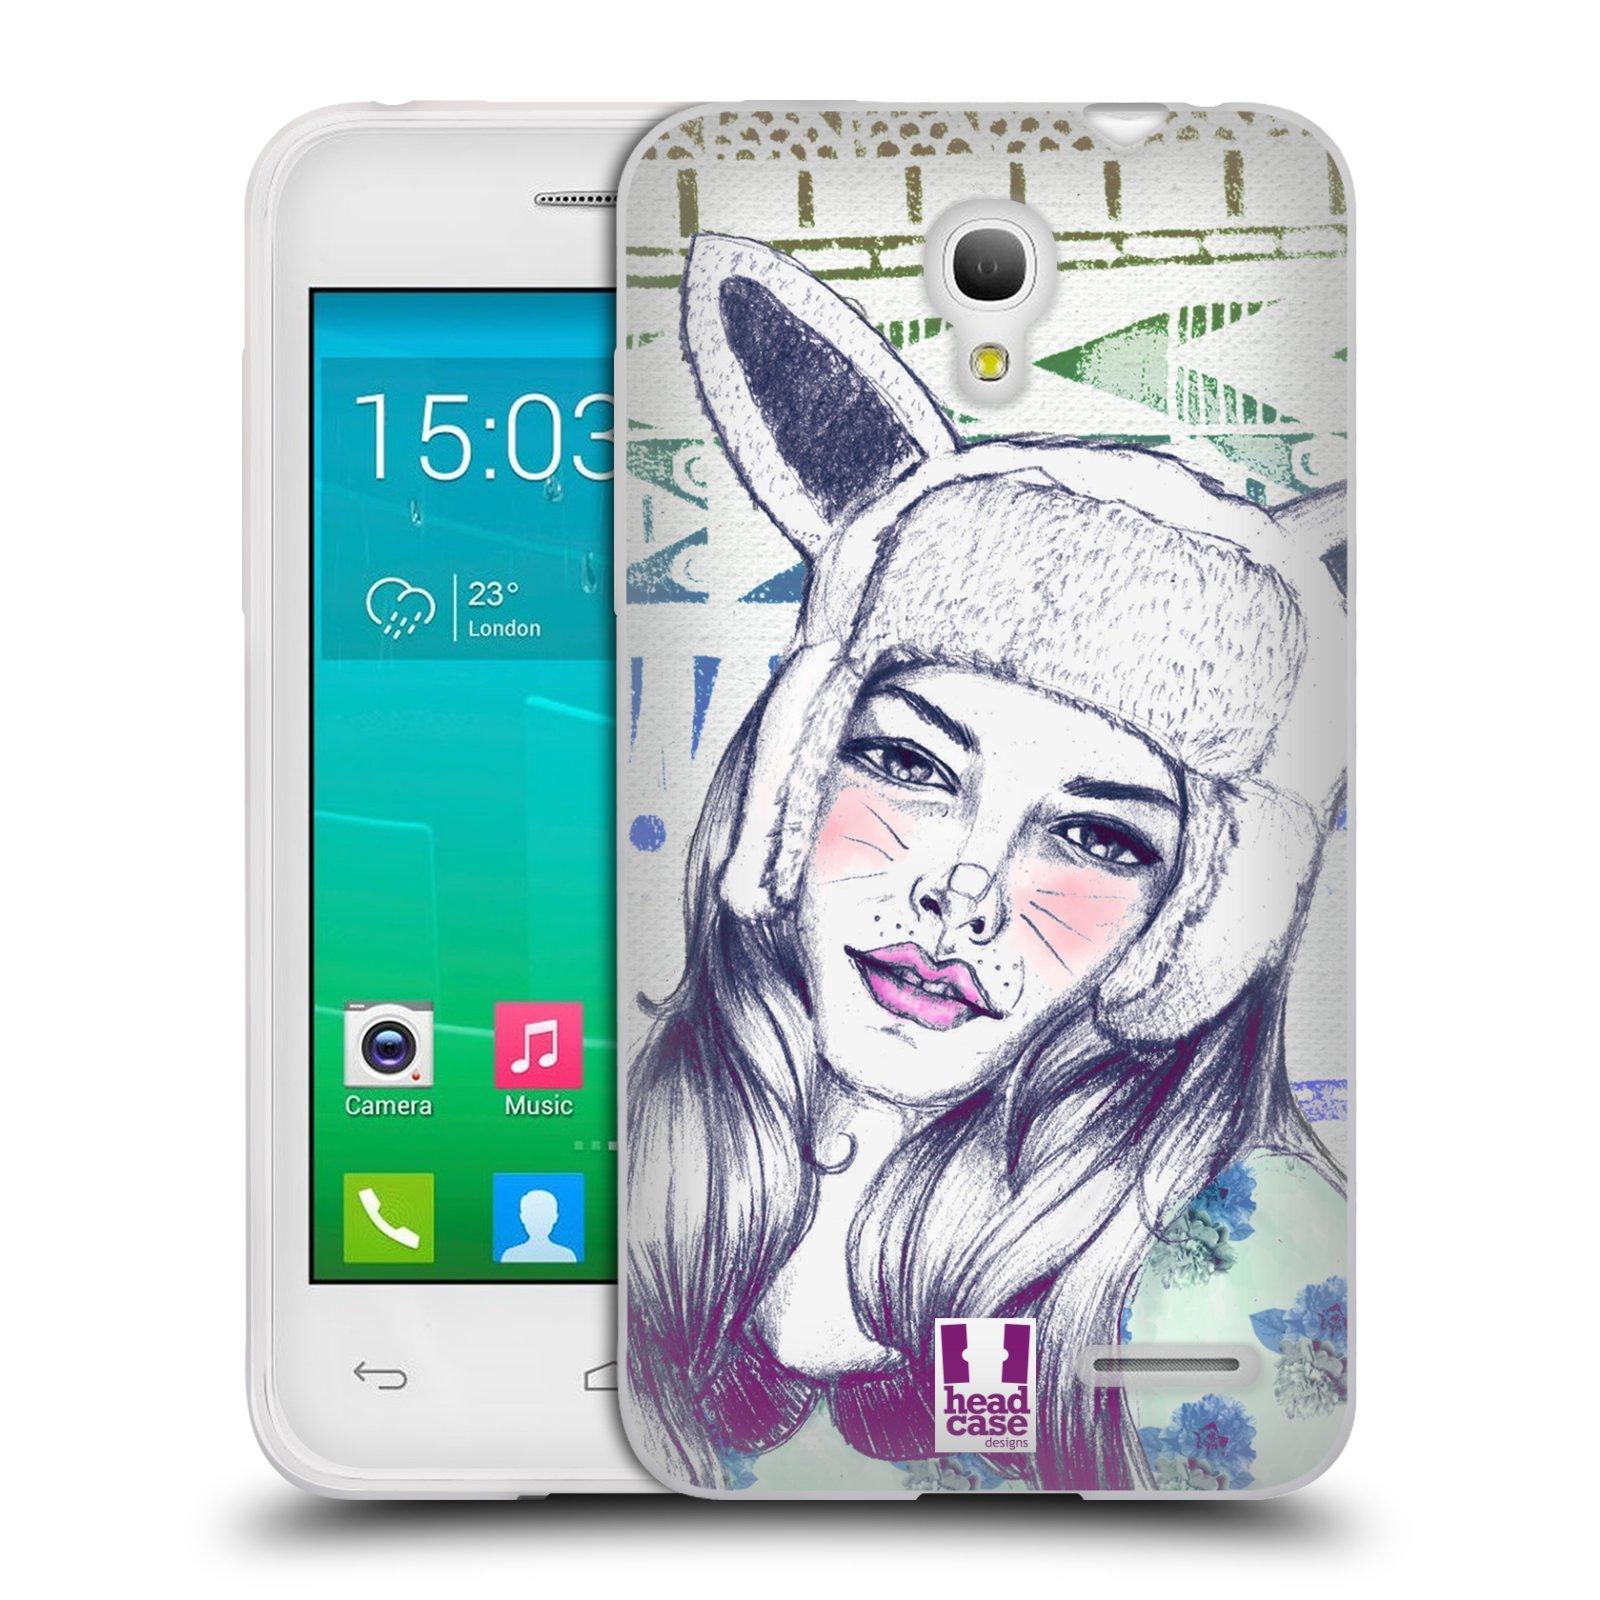 HEAD CASE silikonový obal na mobil Alcatel POP S3 OT-5050Y vzor Děvče zvířecí tématika zajíček čepka